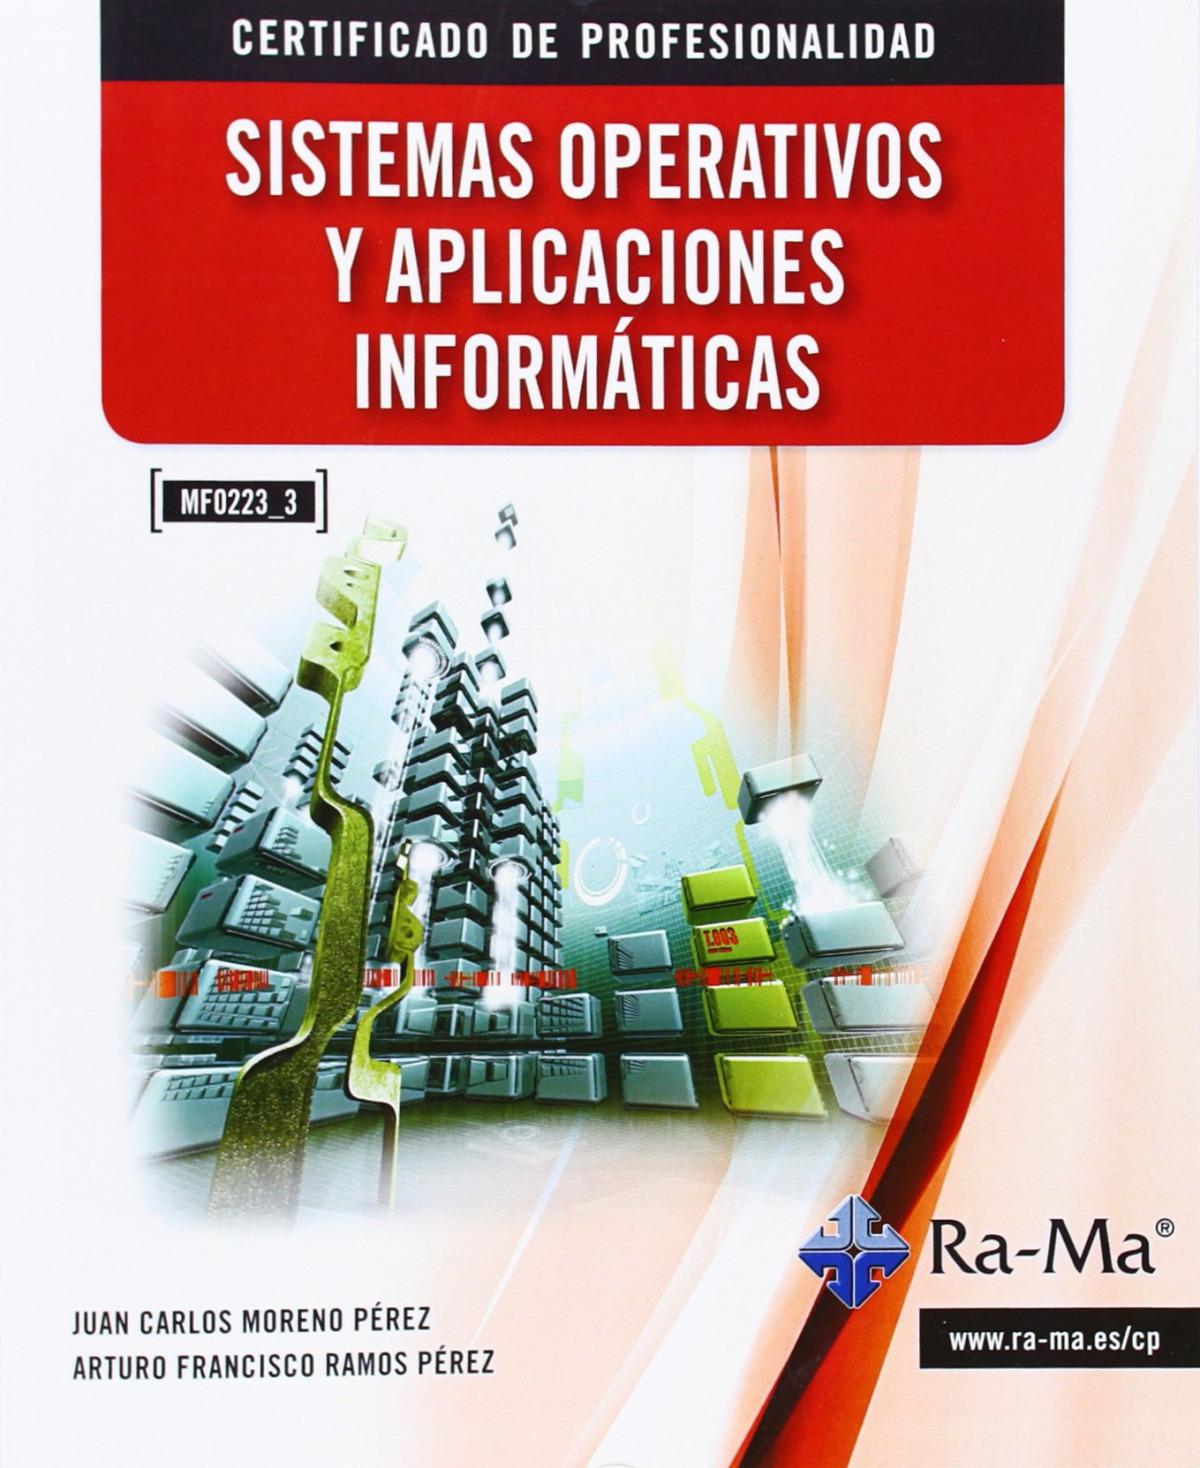 SISTEMAS OPERATIVOS Y APLIC.INFORMATICAS (MF0223_3) 9788499642598